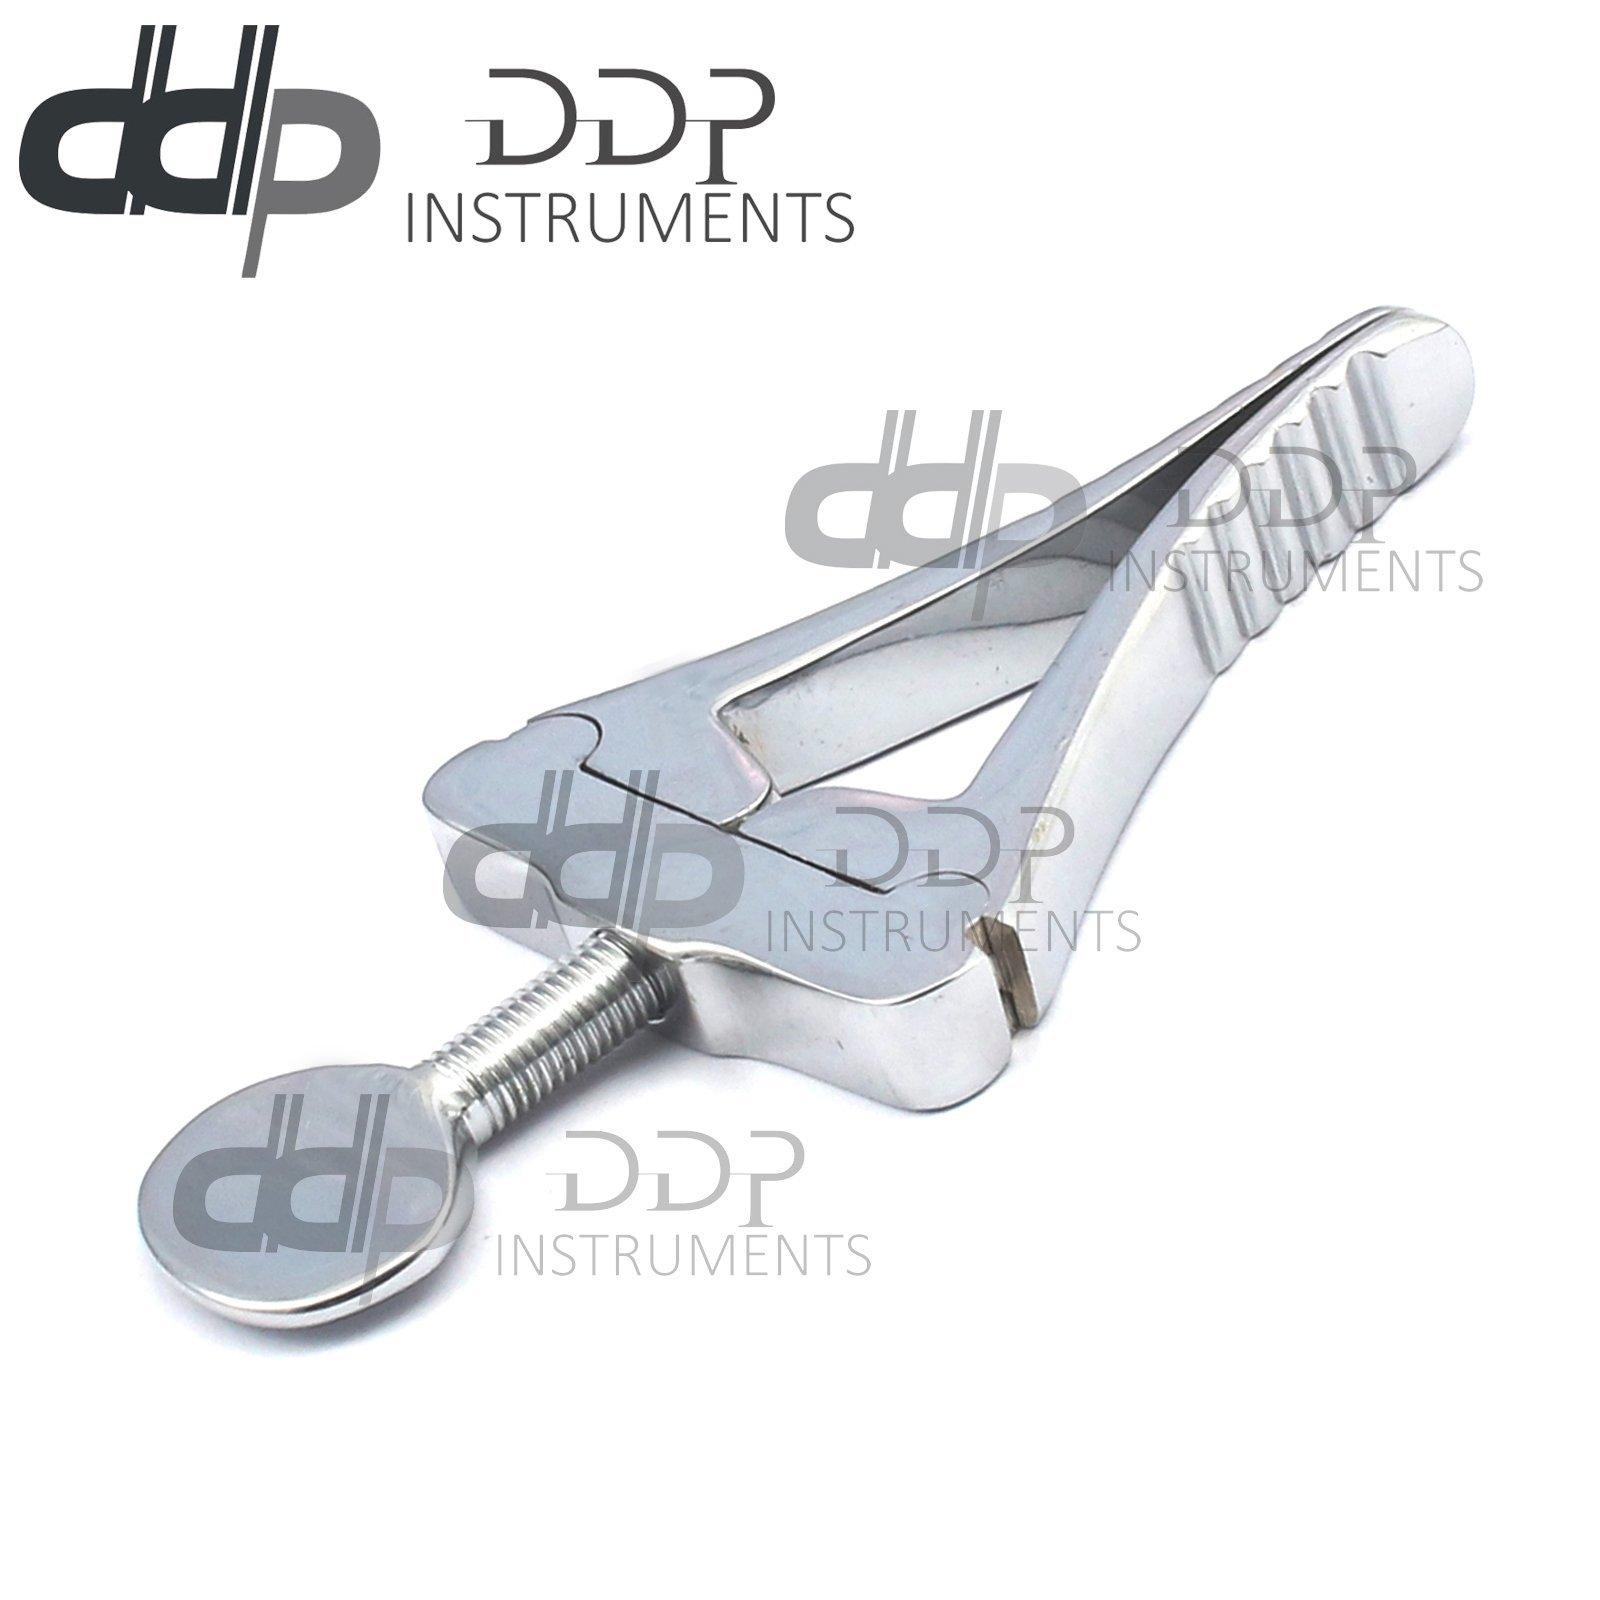 DDP Heister Mouth Gag 5'' Dental Instruments